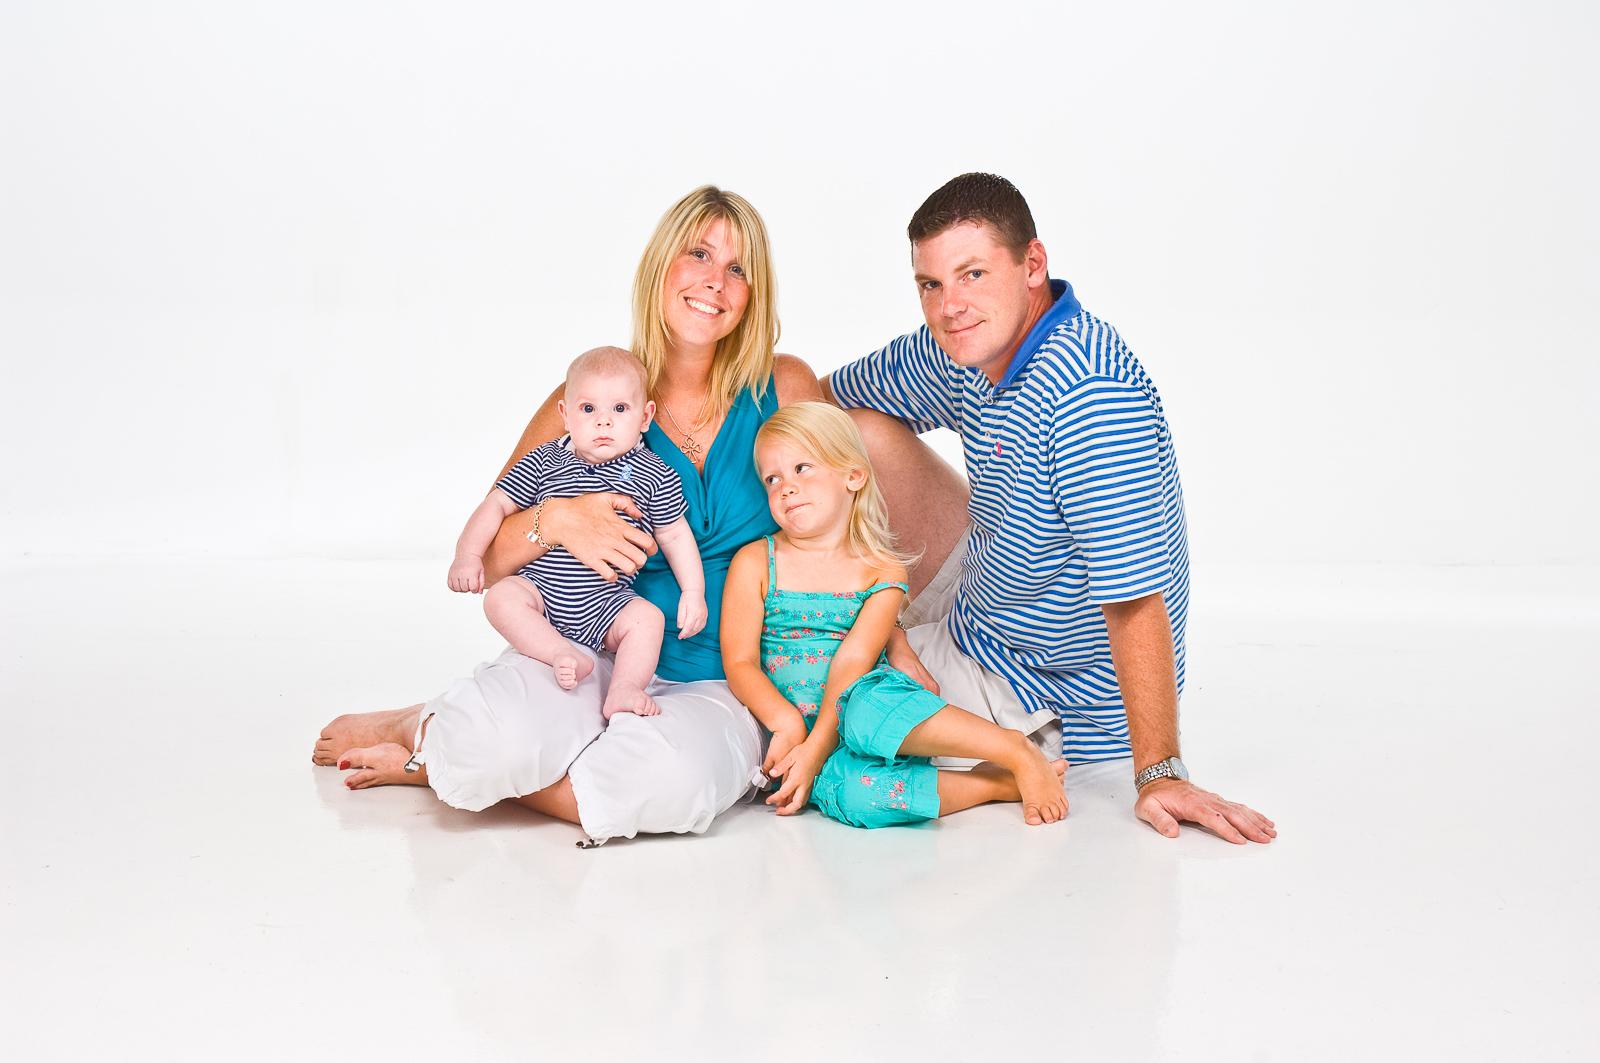 Michael-Napier-Portraits-Families-6.jpg